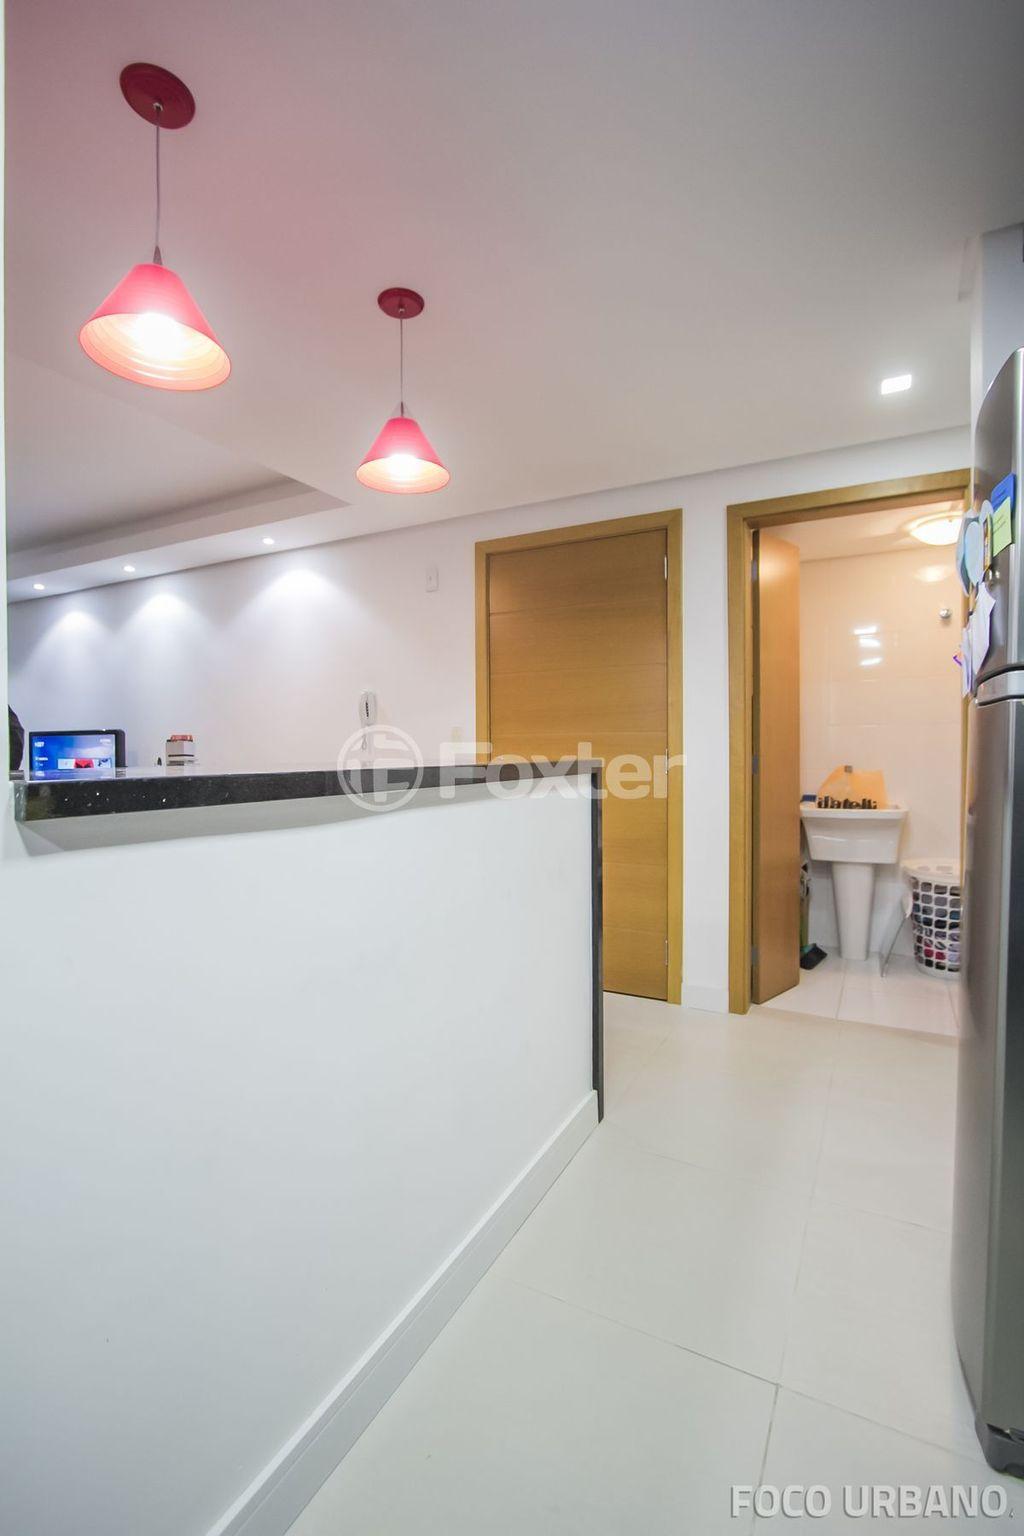 Foxter Imobiliária - Apto 3 Dorm, Passo D'areia - Foto 27